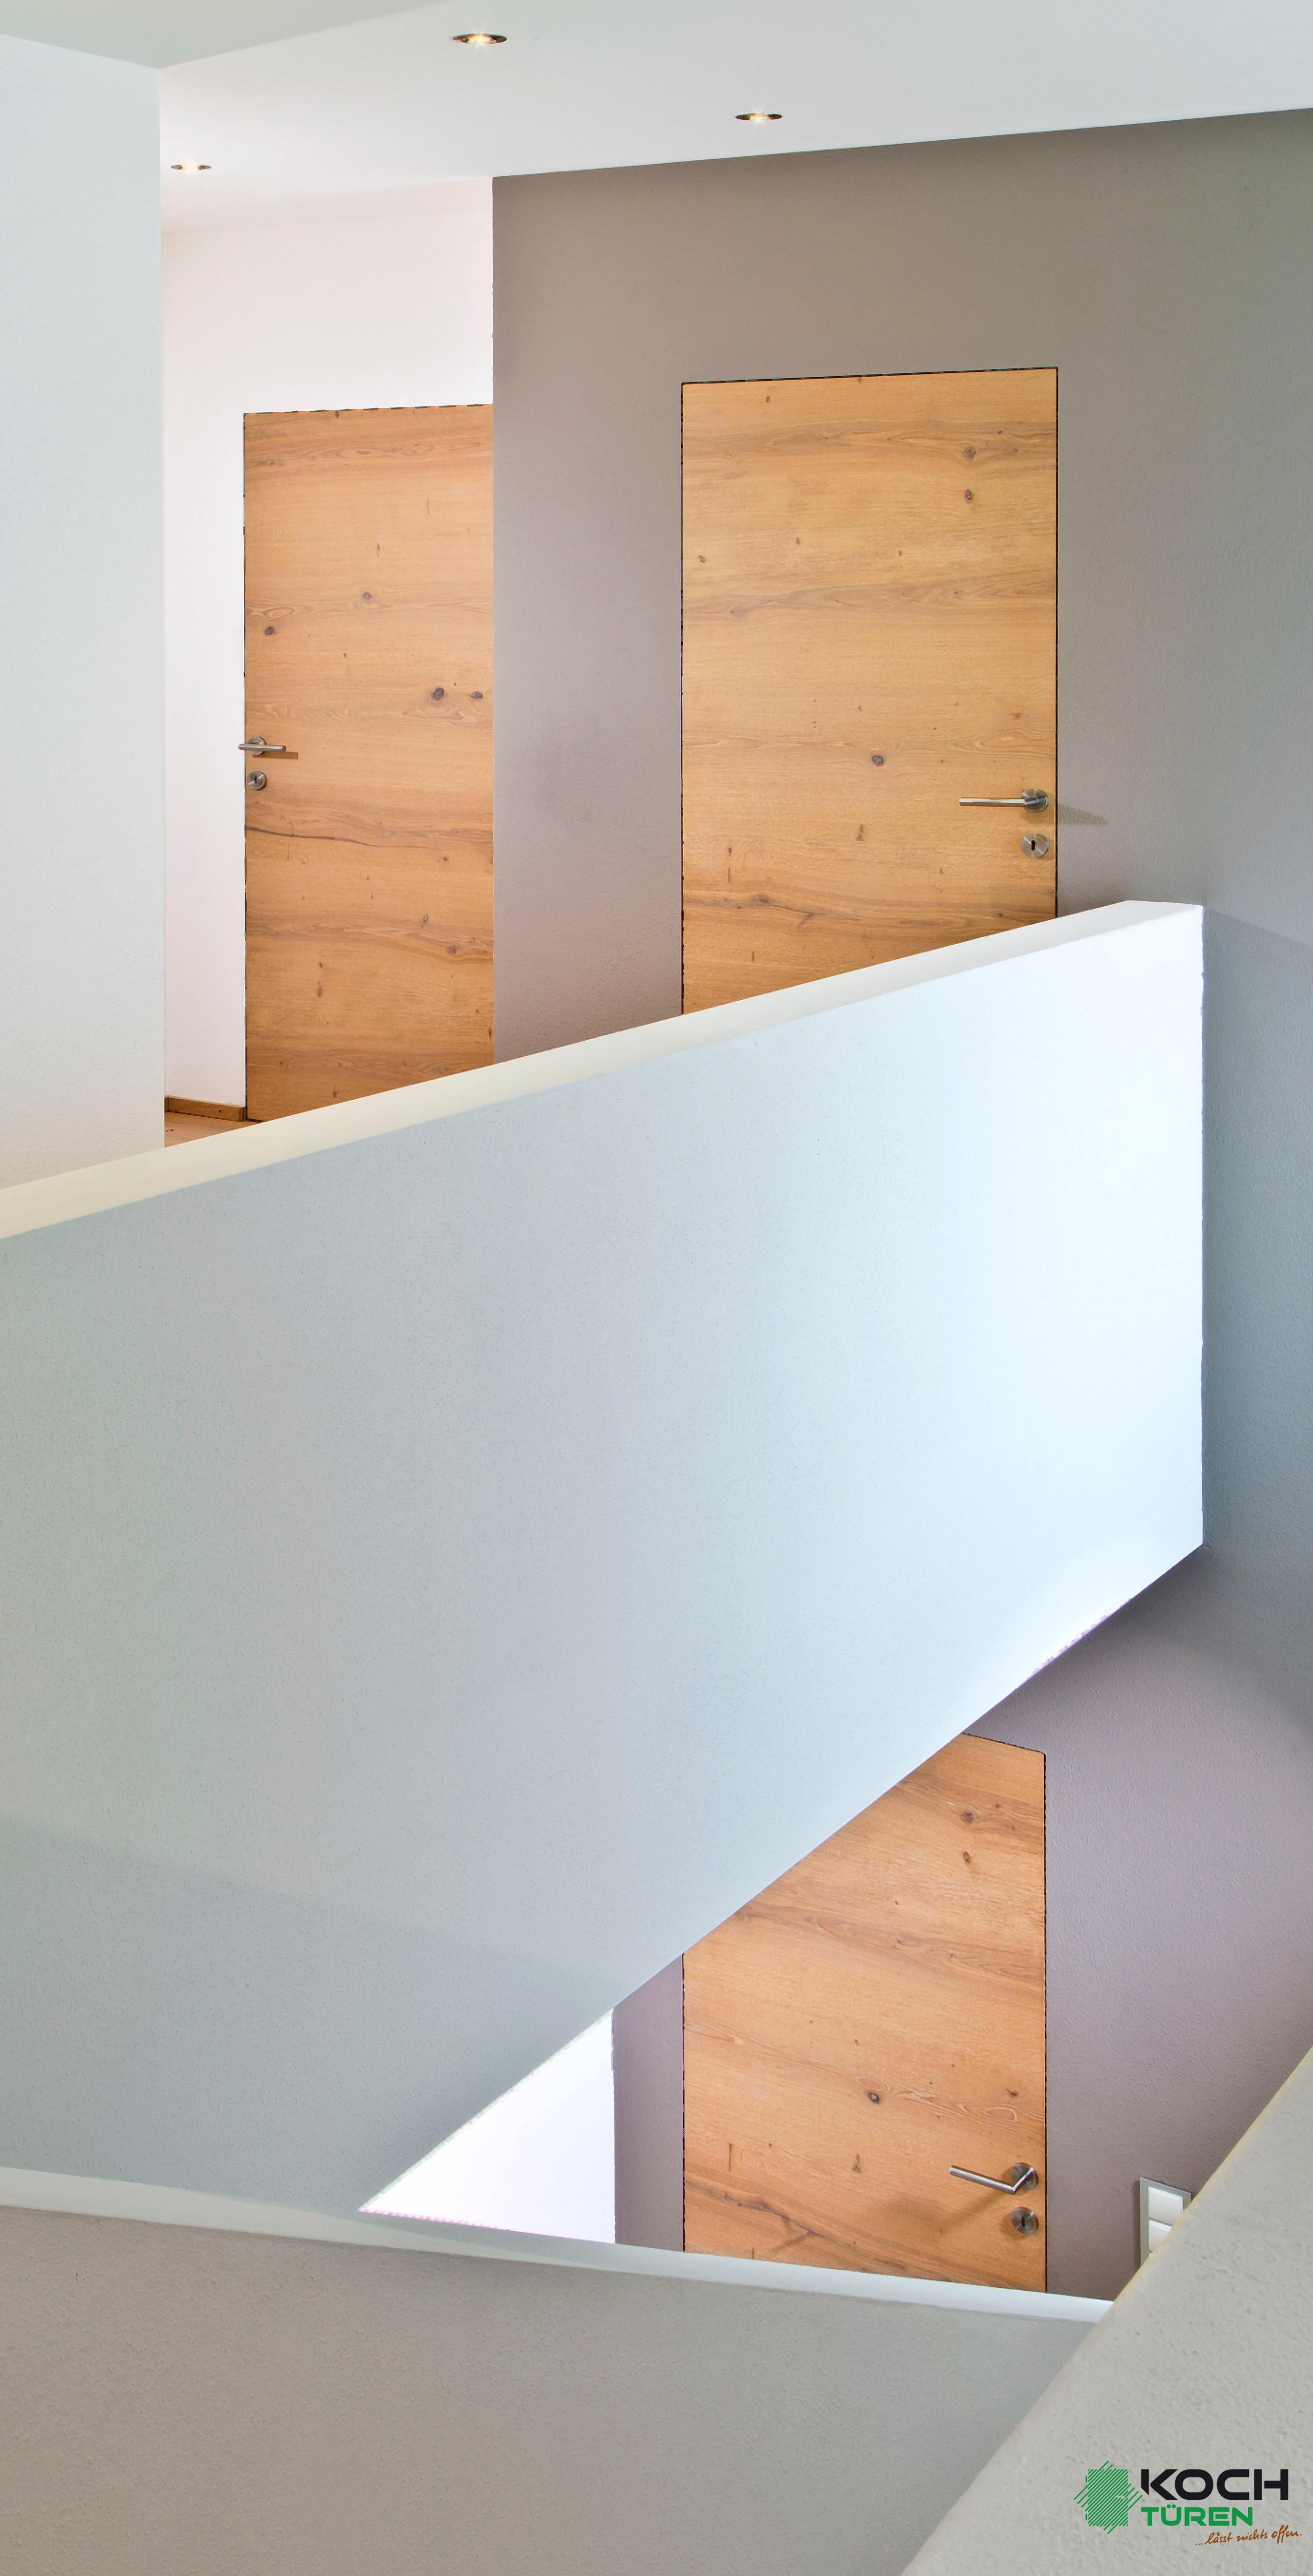 Referenzen - AGS Systems |wandbündige Türen und flächenbündige ...